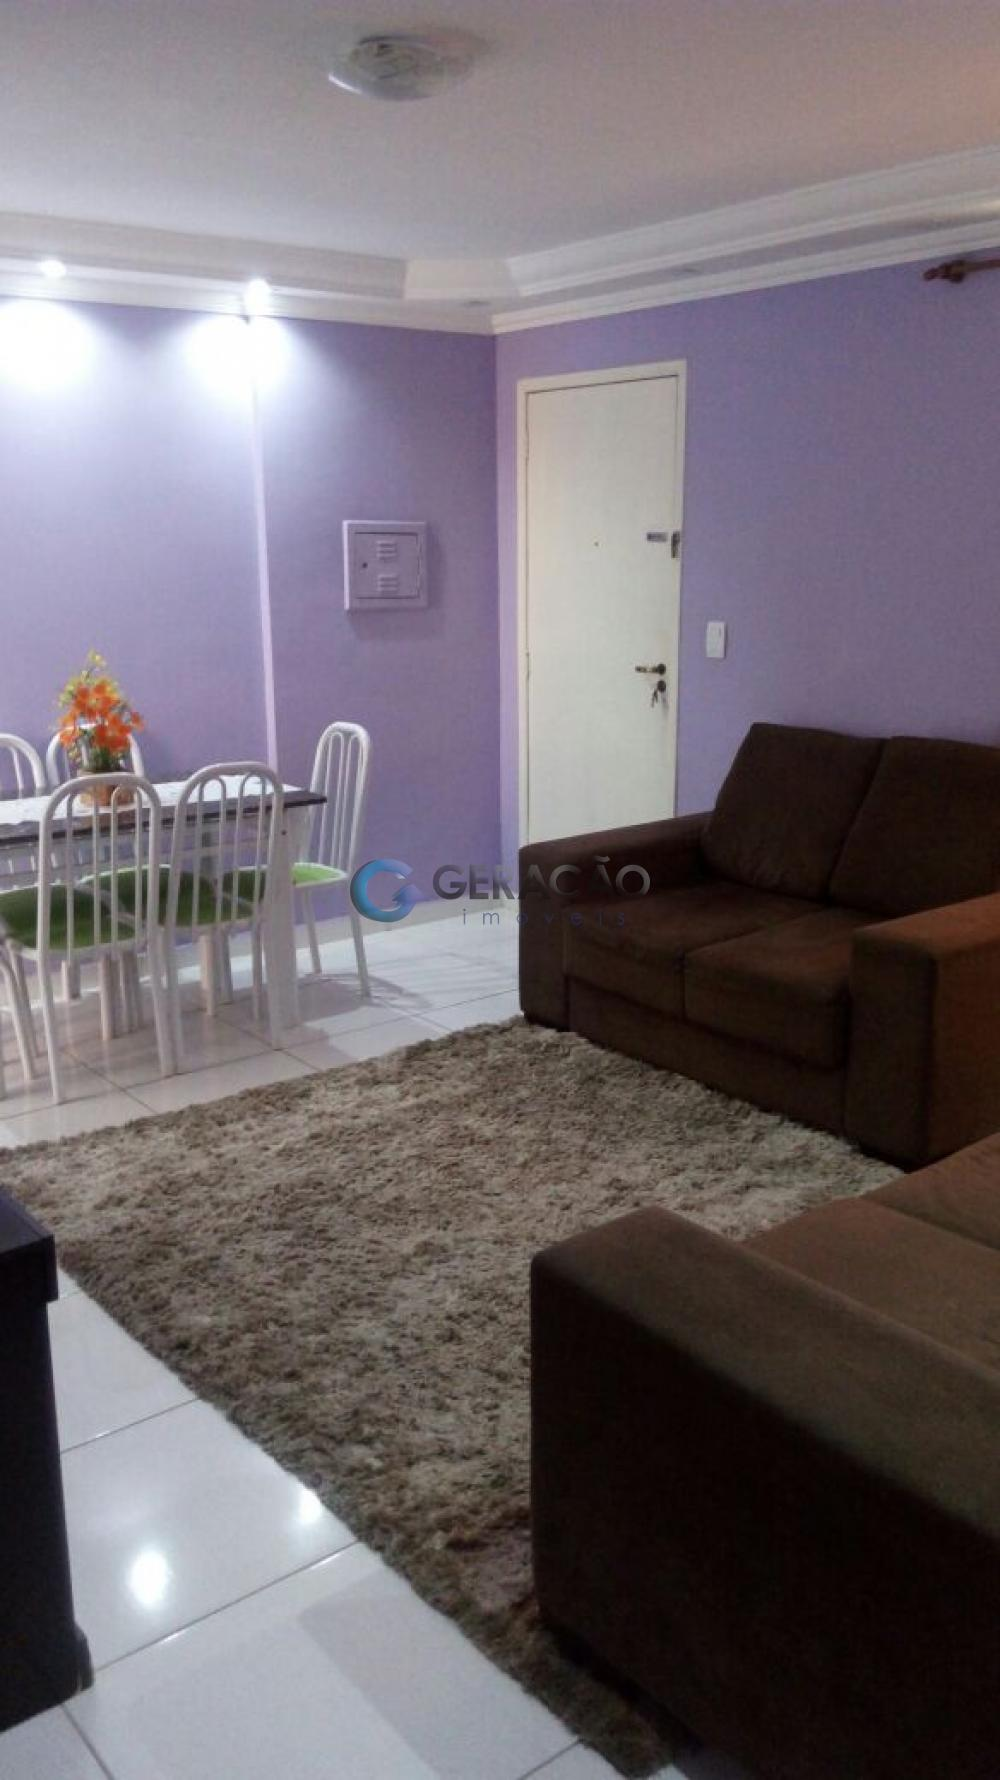 Comprar Apartamento / Padrão em São José dos Campos R$ 185.000,00 - Foto 6